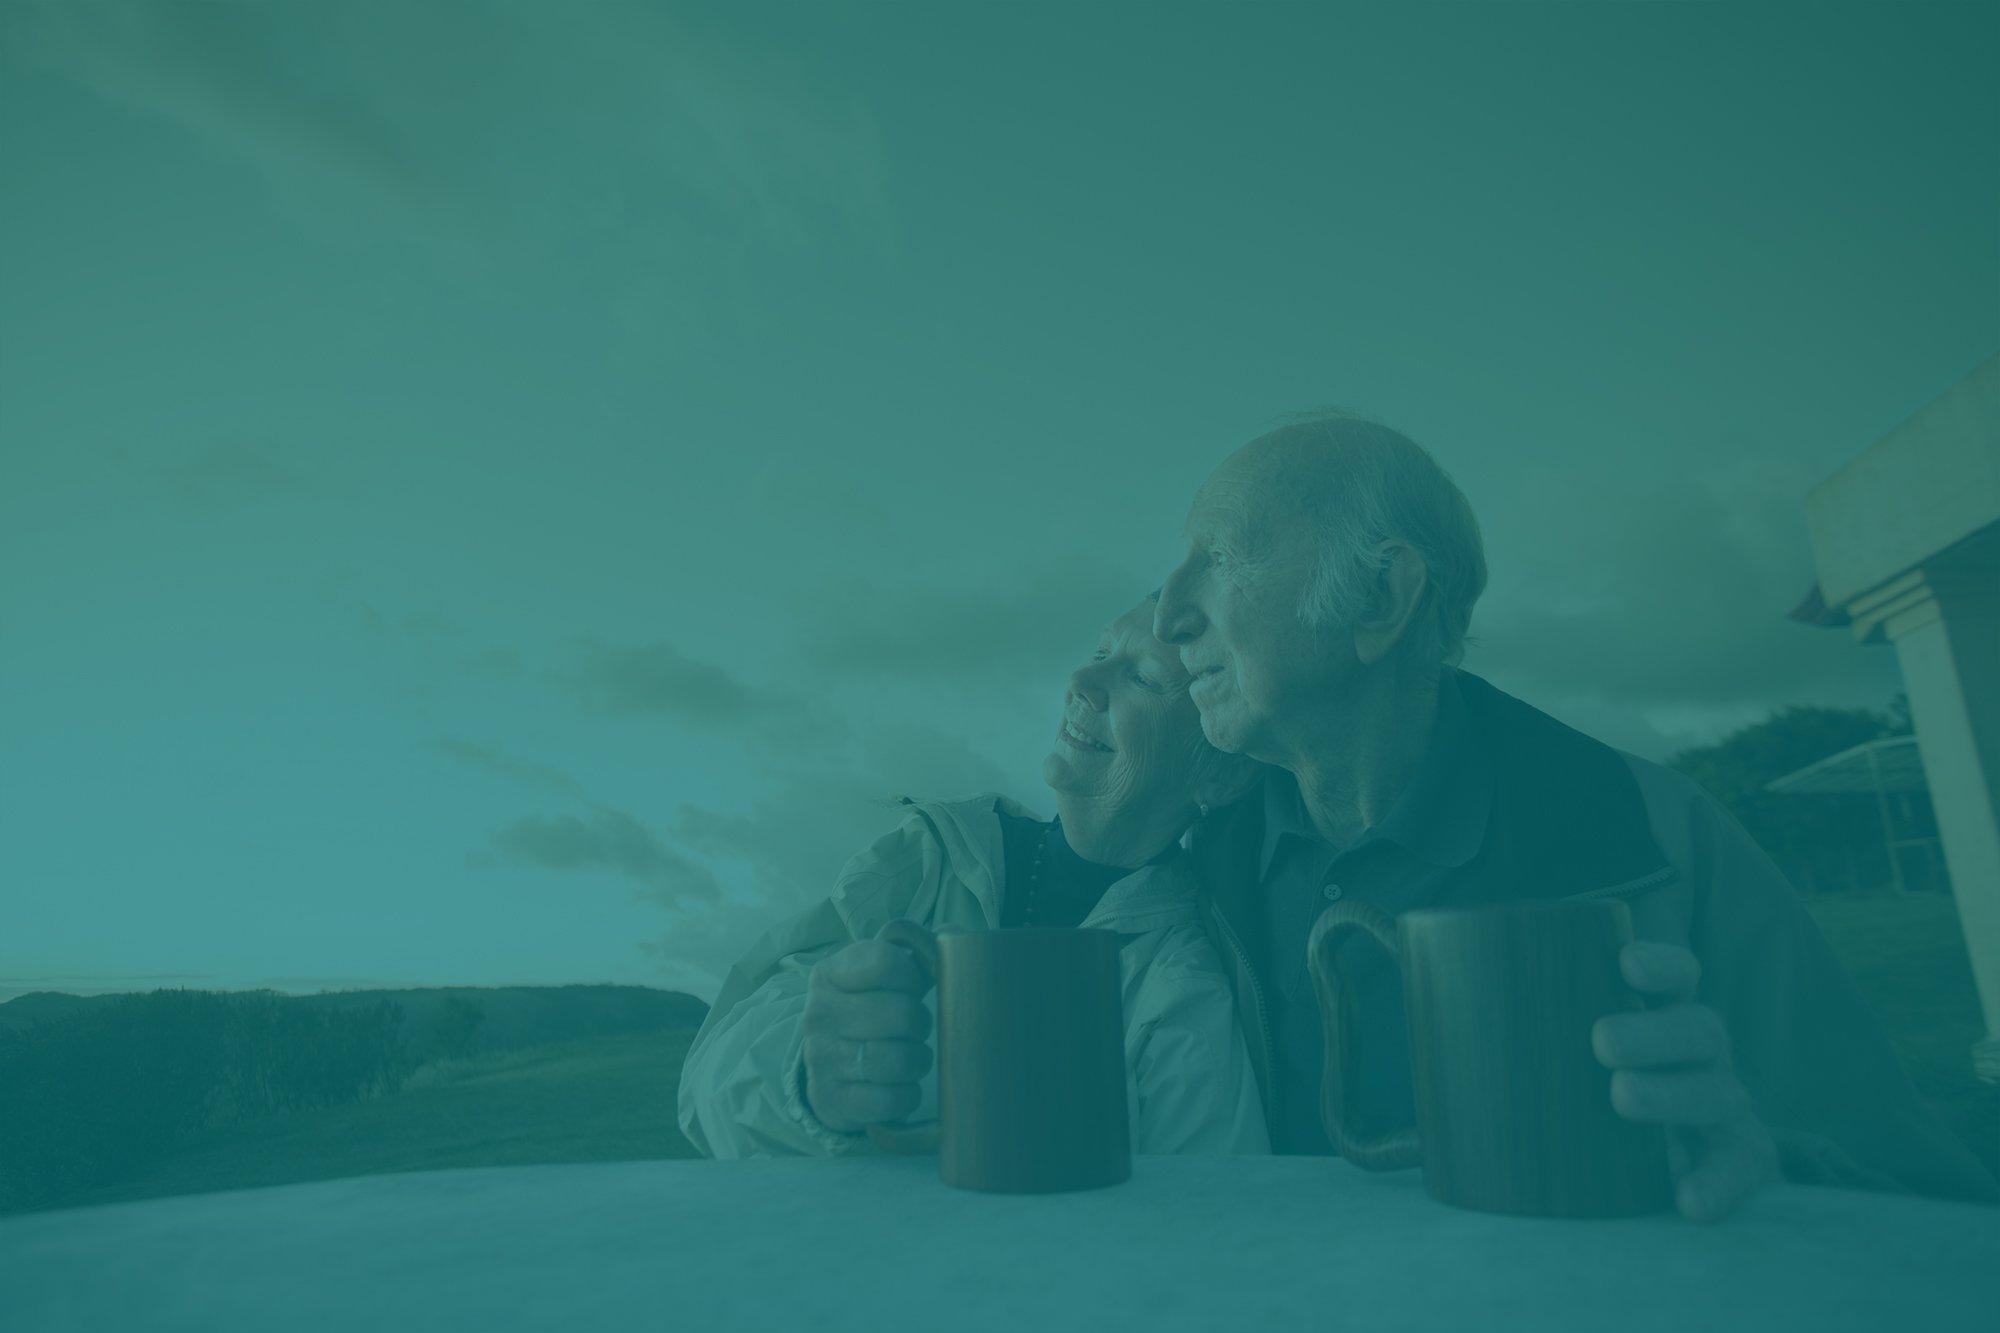 Older couple sitting outside together - Parkcrest Dental Care.